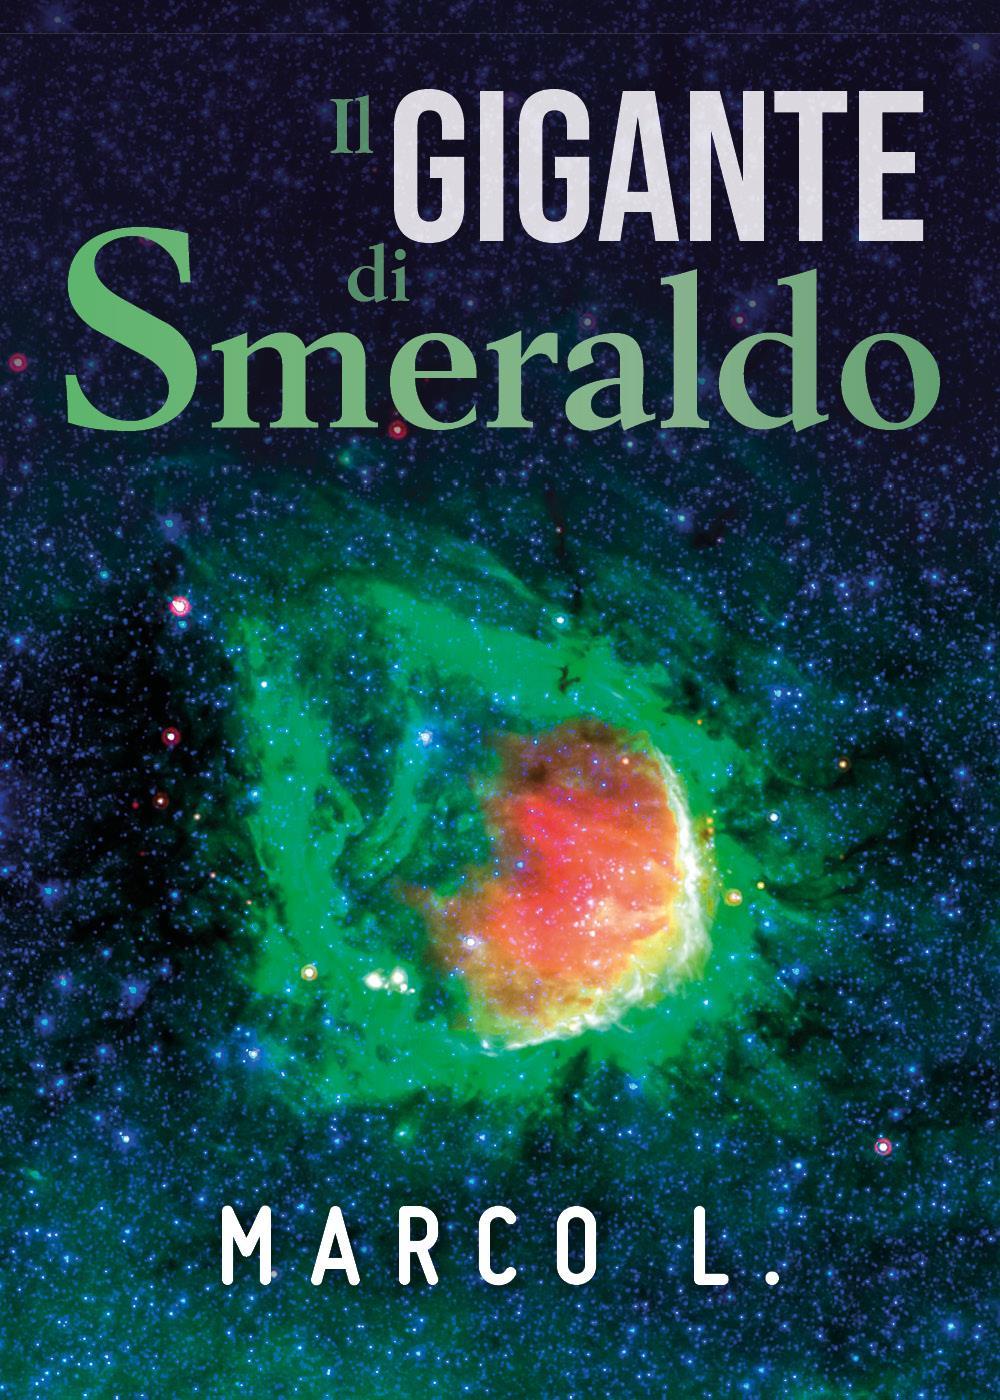 Il gigante di smeraldo